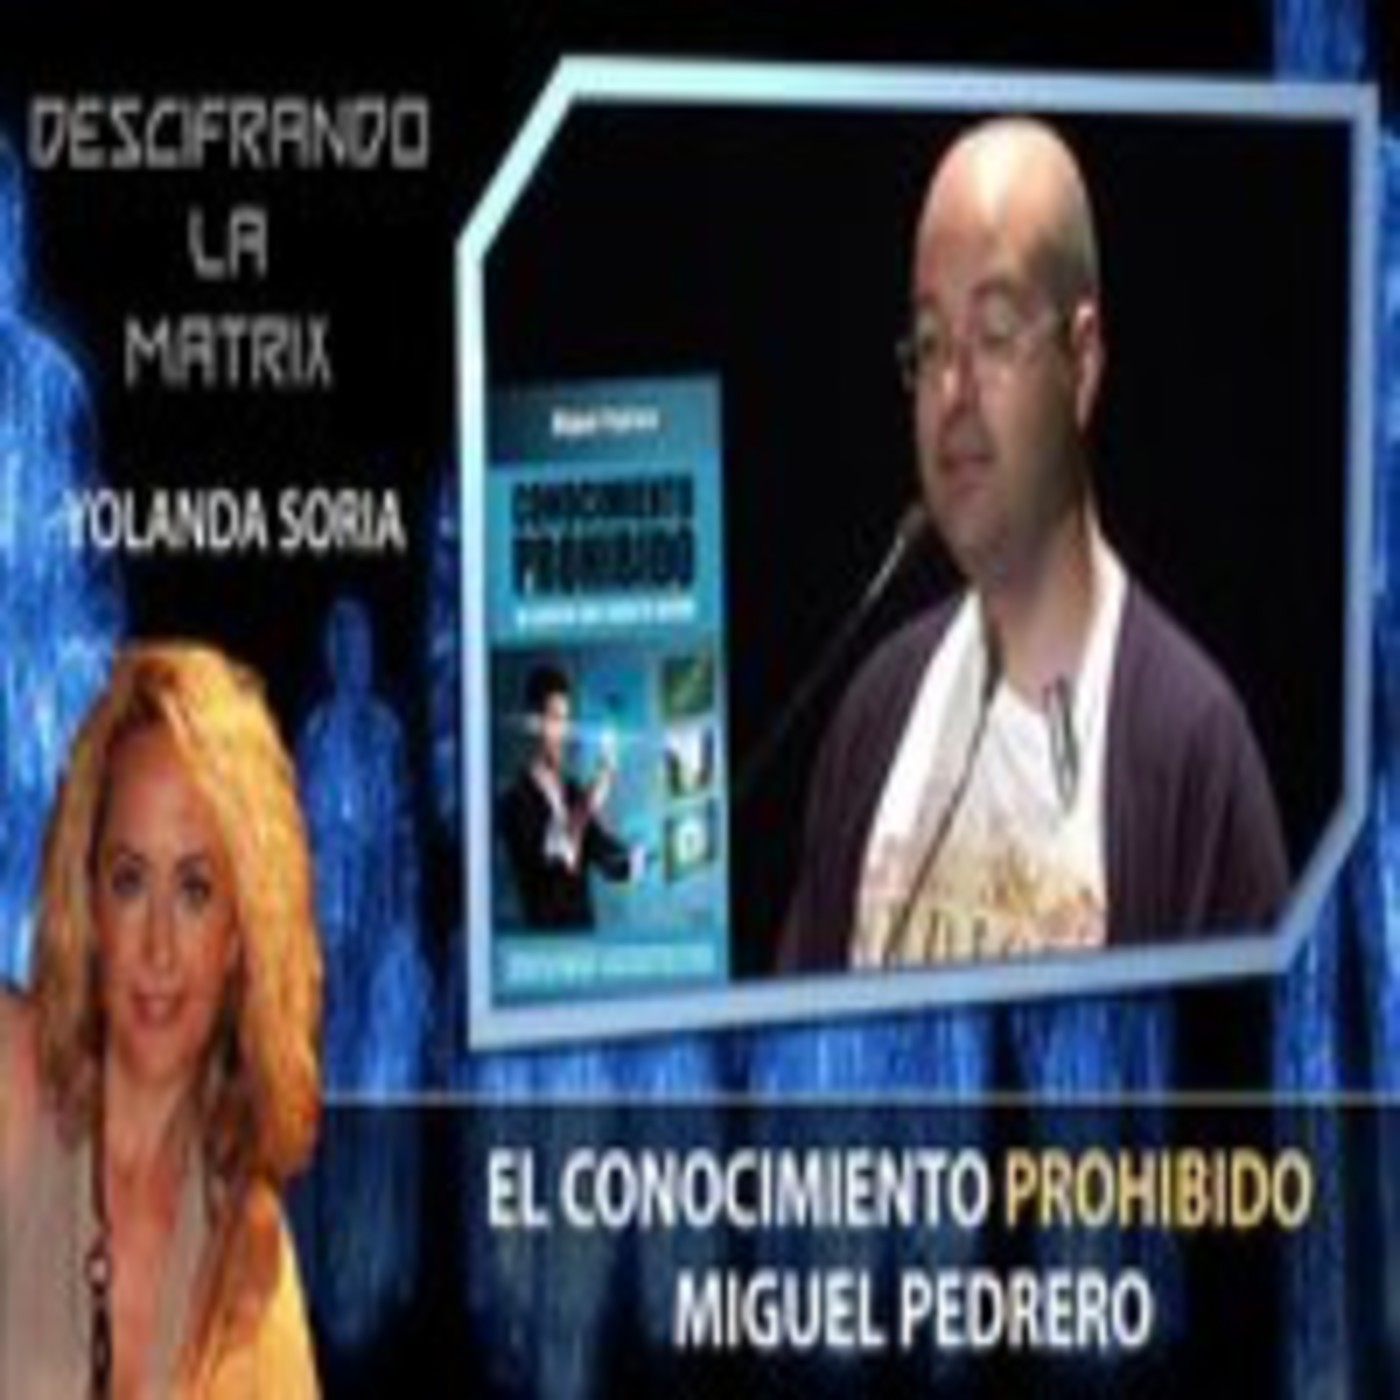 EL CONOCIMIENTO PROHIBIDO por Miguel Pedrero – Descifrando La Mátrix